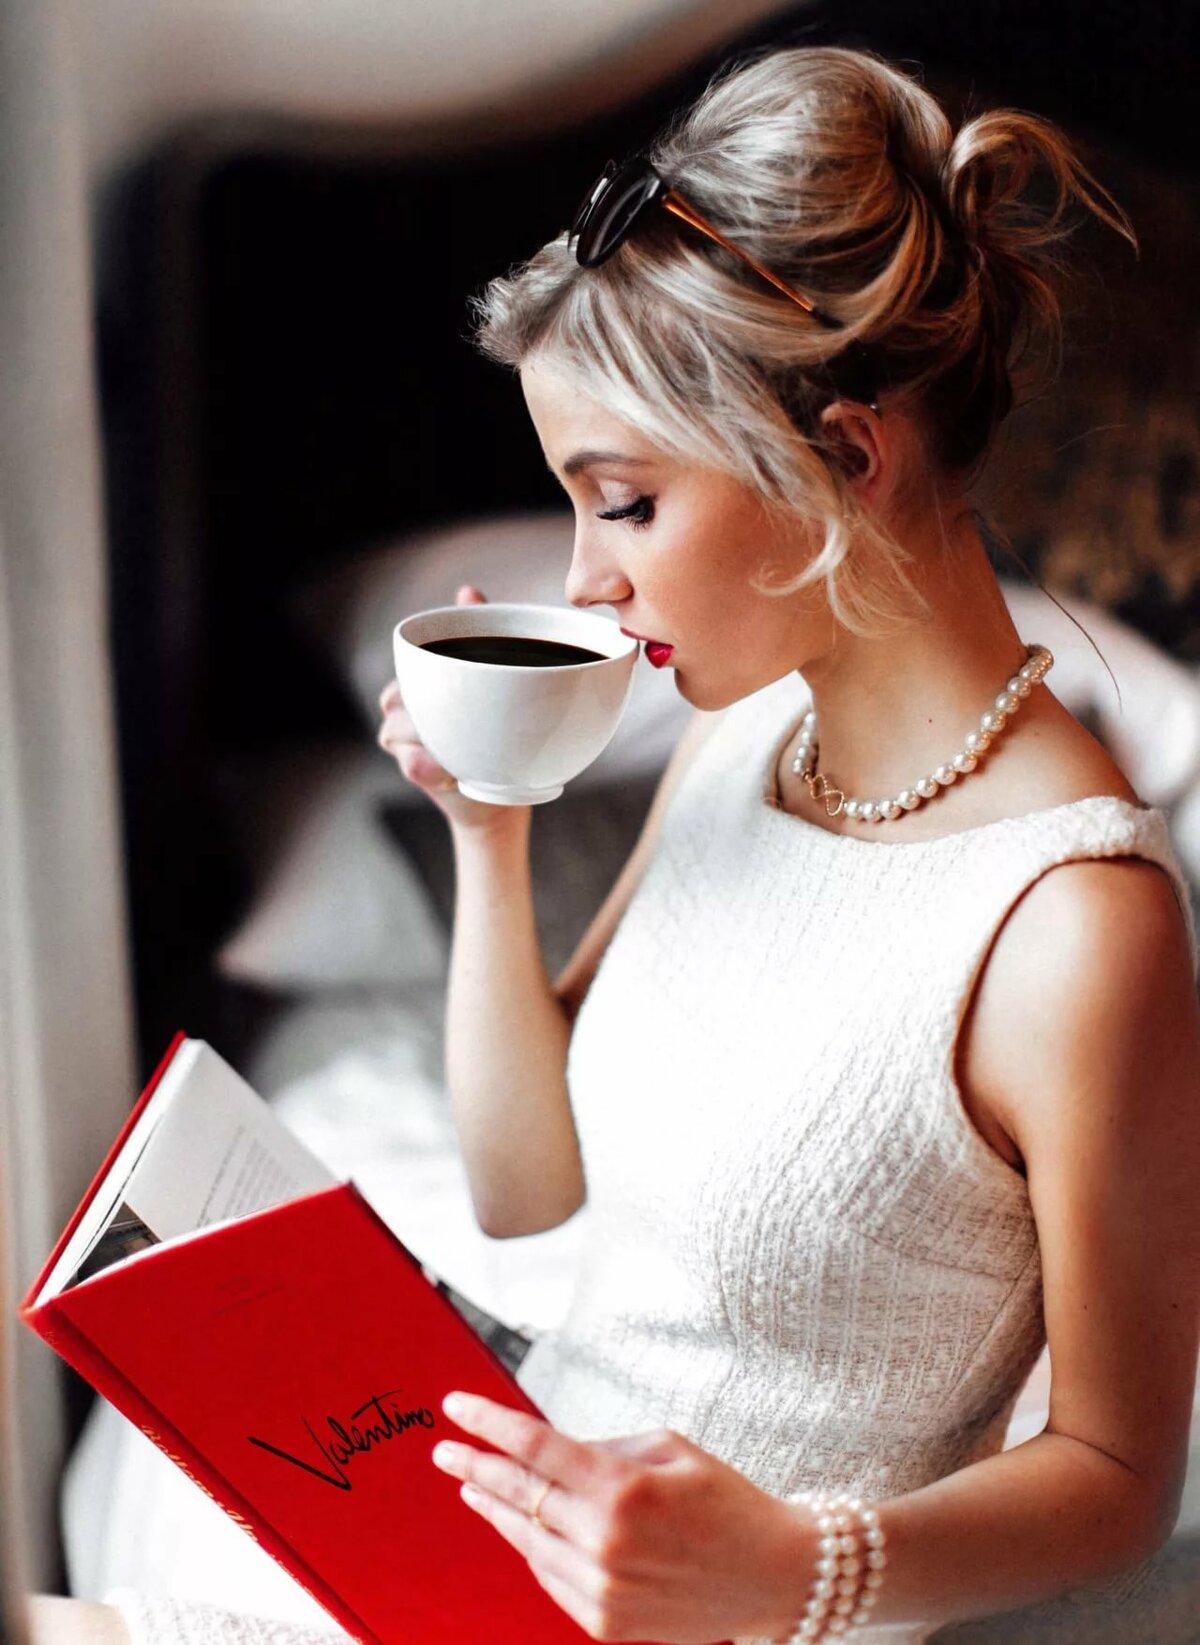 Картинка ежик с колючками и чашкой кофе